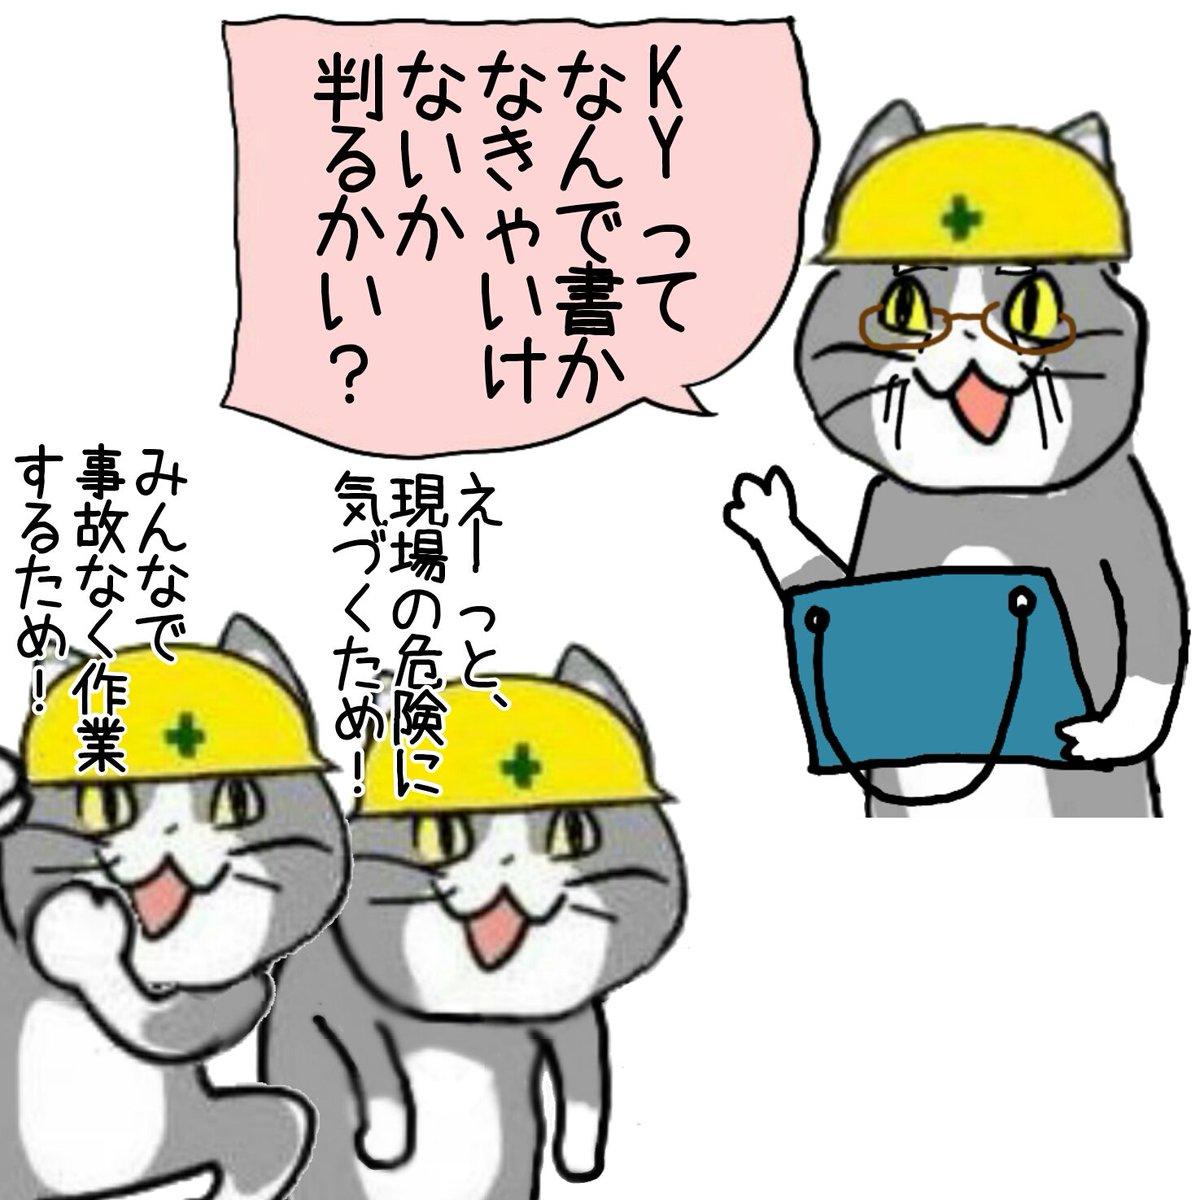 新人のころベテランさんに教えられたこと(実話) #現場猫 #電話猫